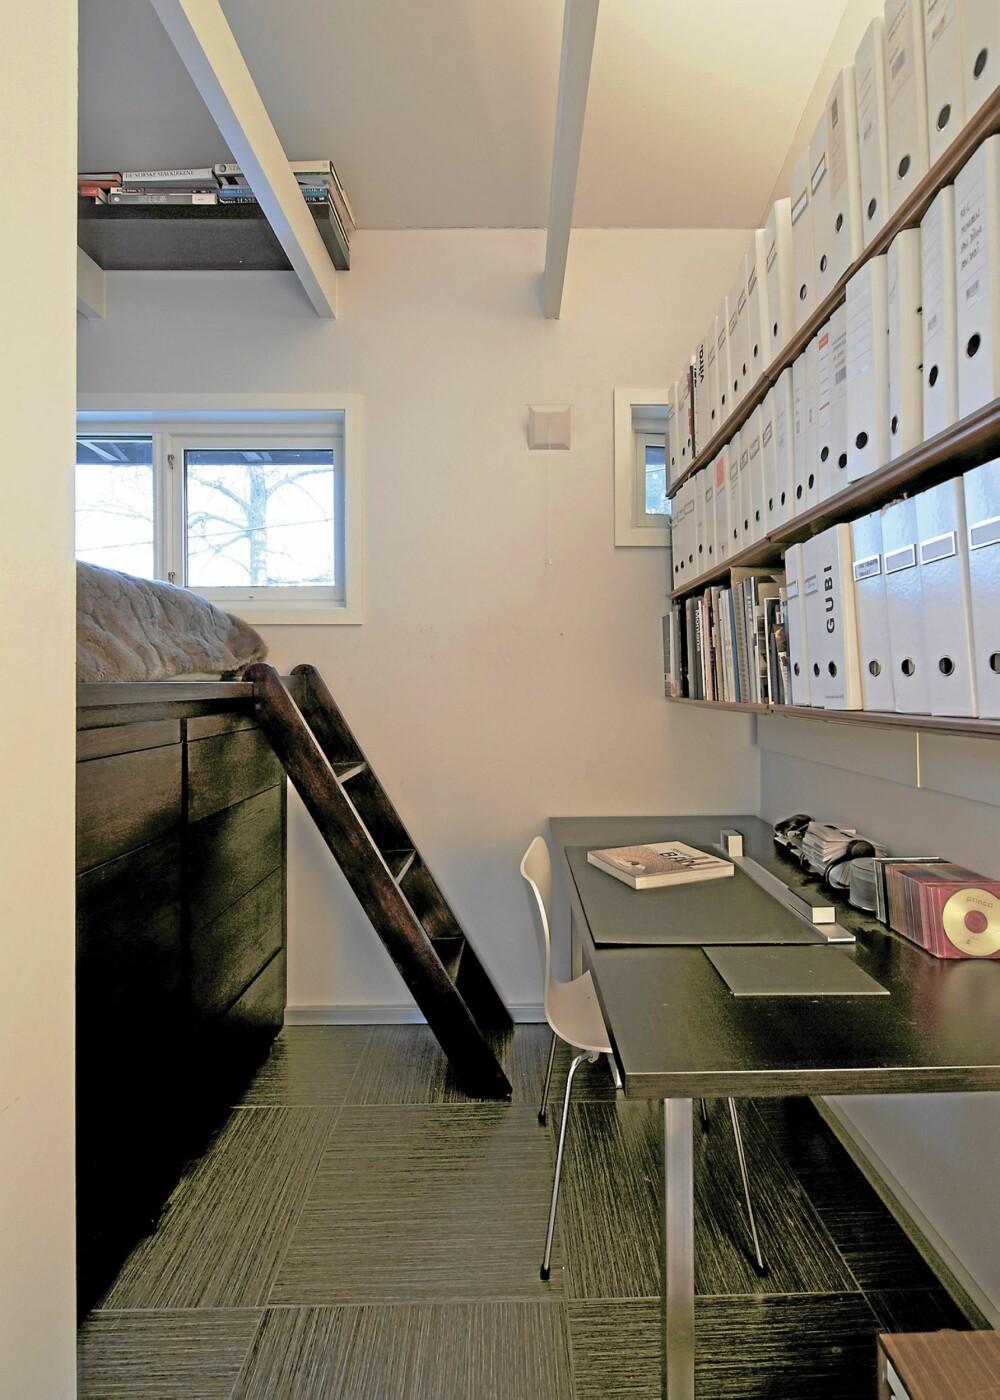 ALT I ETT: Alt i ett. Denne boligen er også et designstudio. Det krever logistikk og orden. Når klesskapene rulles ut, må arbeidsbenken under bokhyllen svinges litt fram.